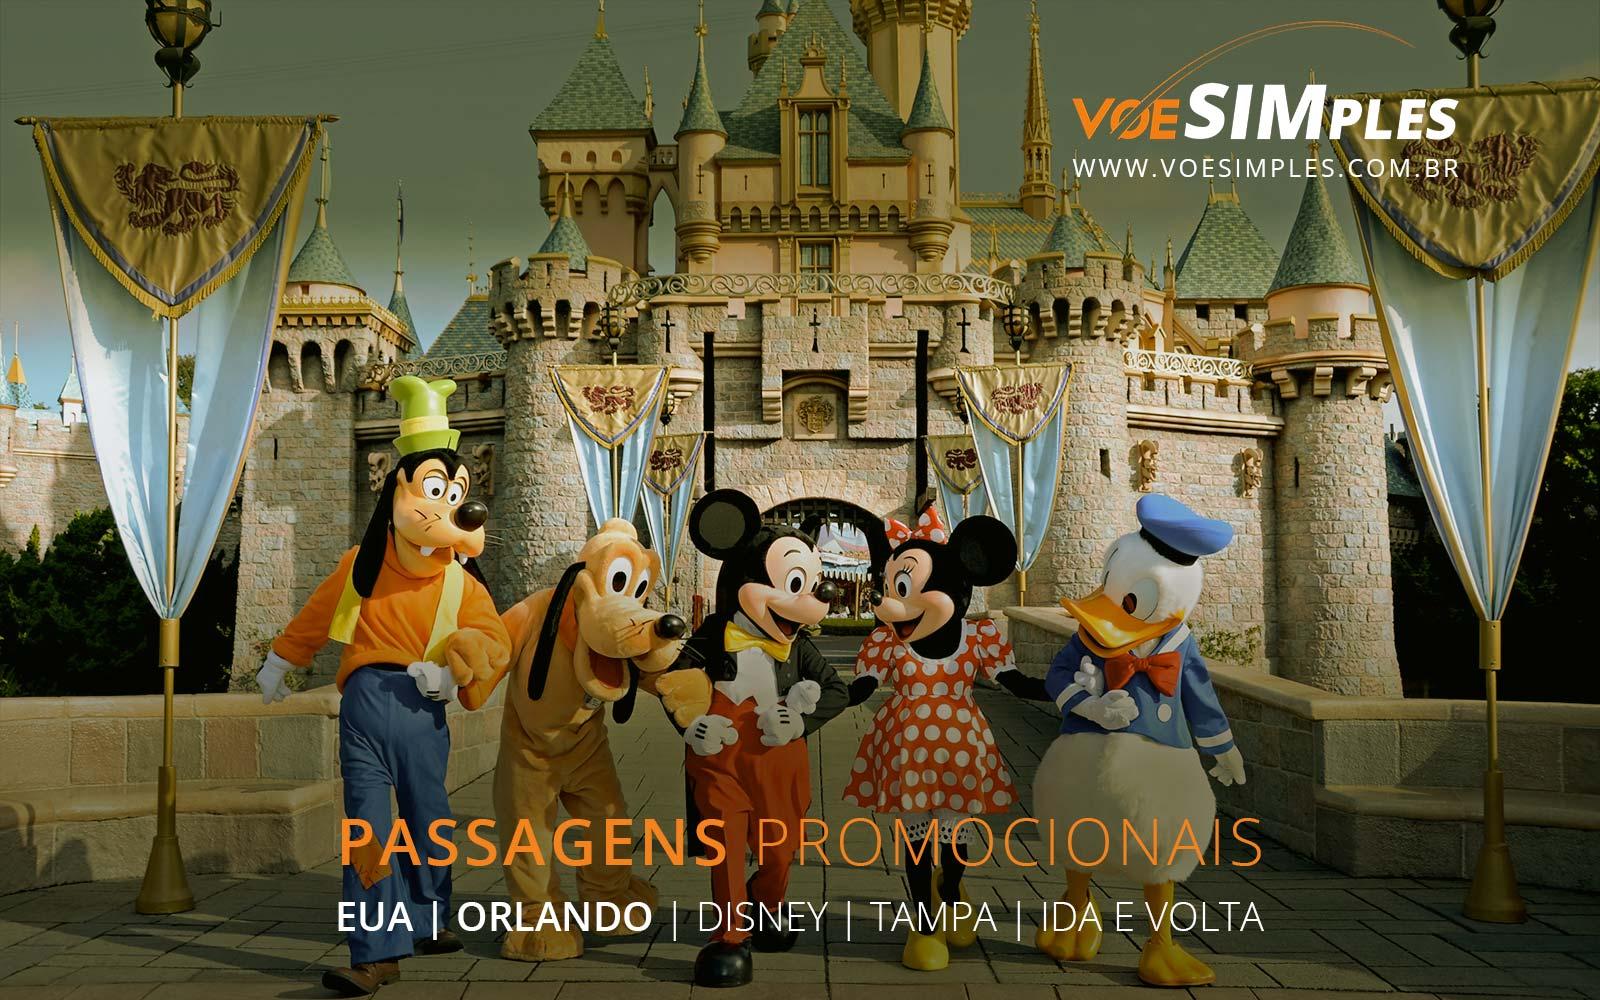 Passagens aéreas promocionais para Orlando e Tampa nos Estados Unidos